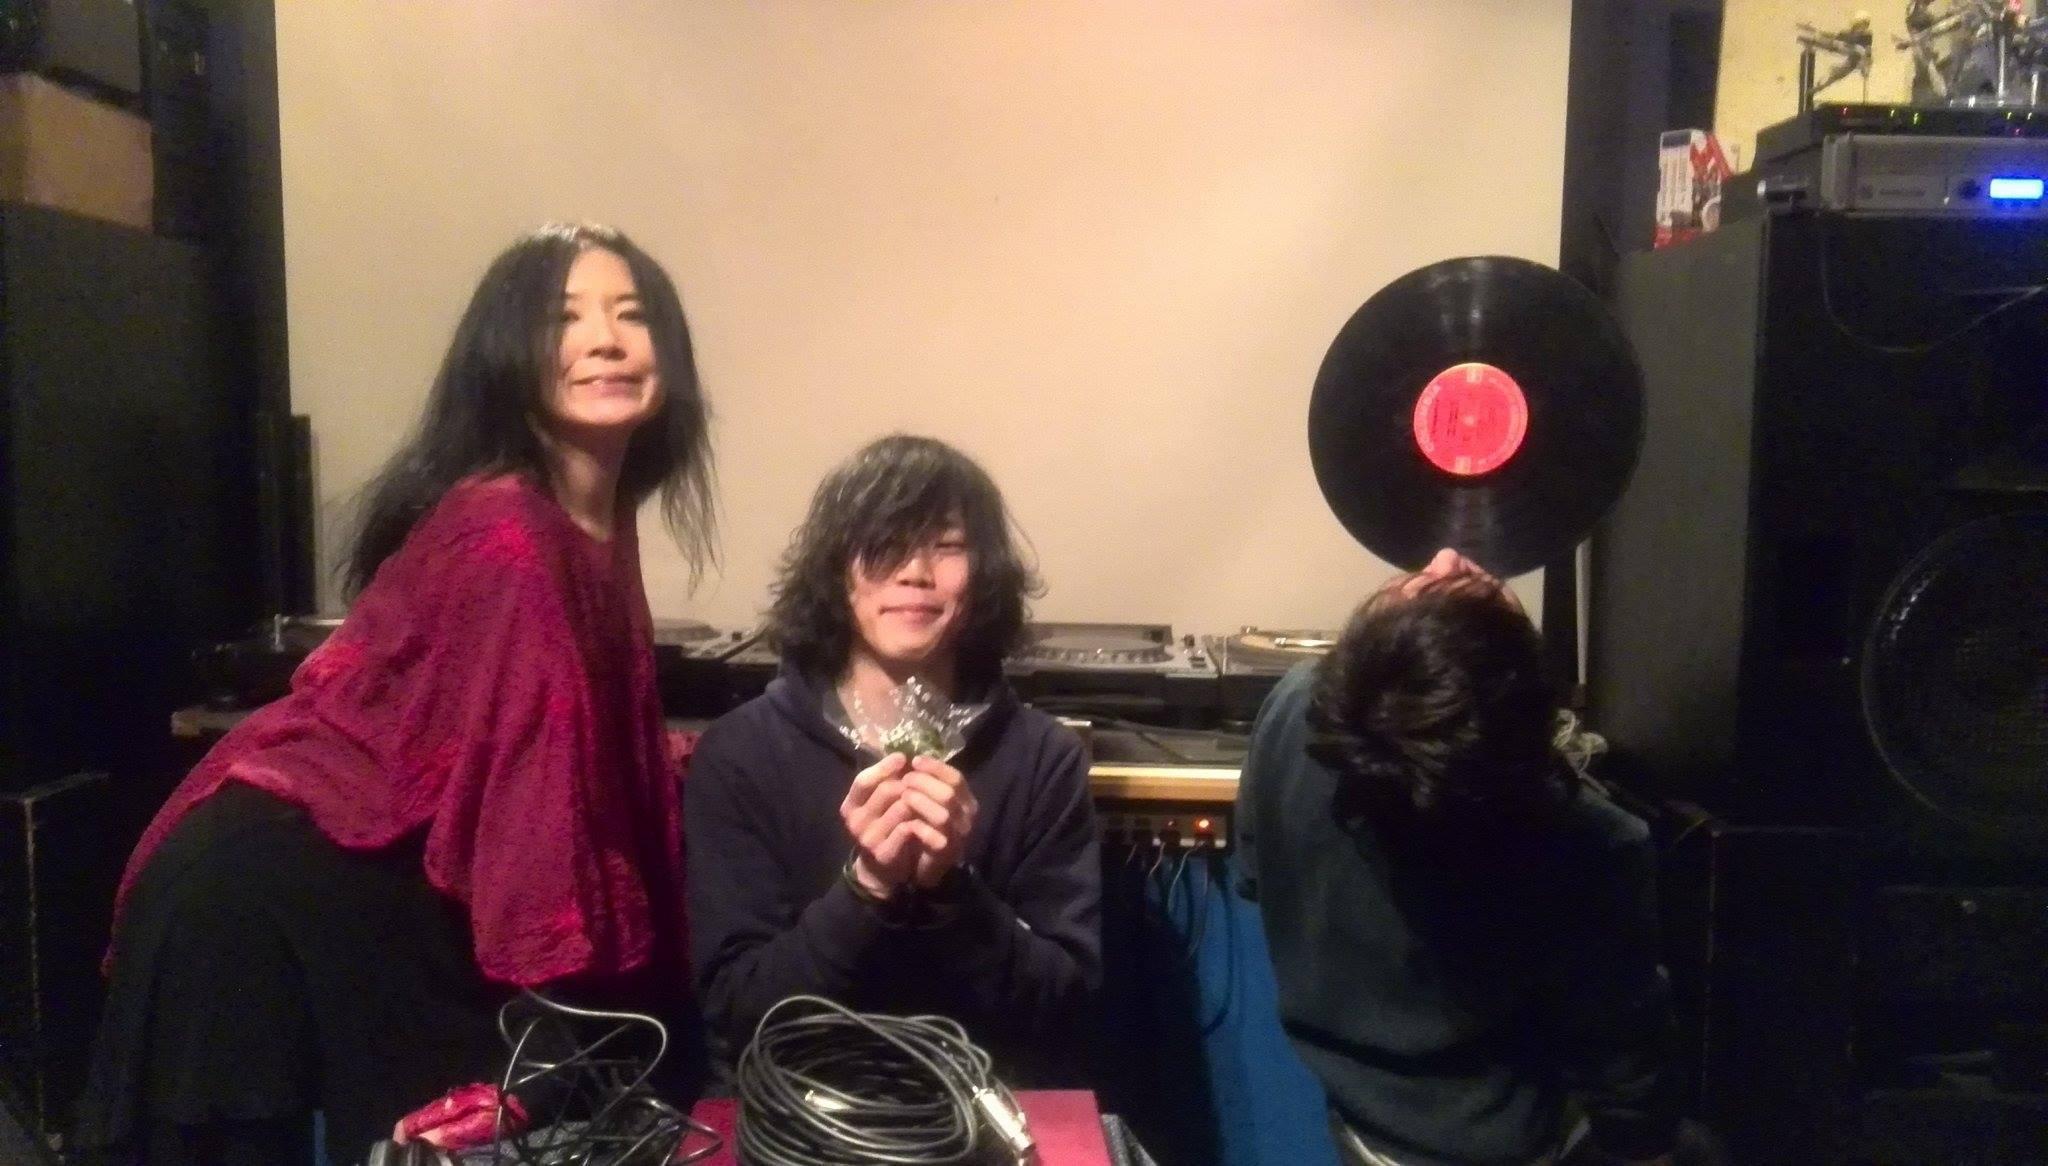 村田直哉(turntable)&蜂谷真紀ライブレコーディング終了_d0244370_02013012.jpg